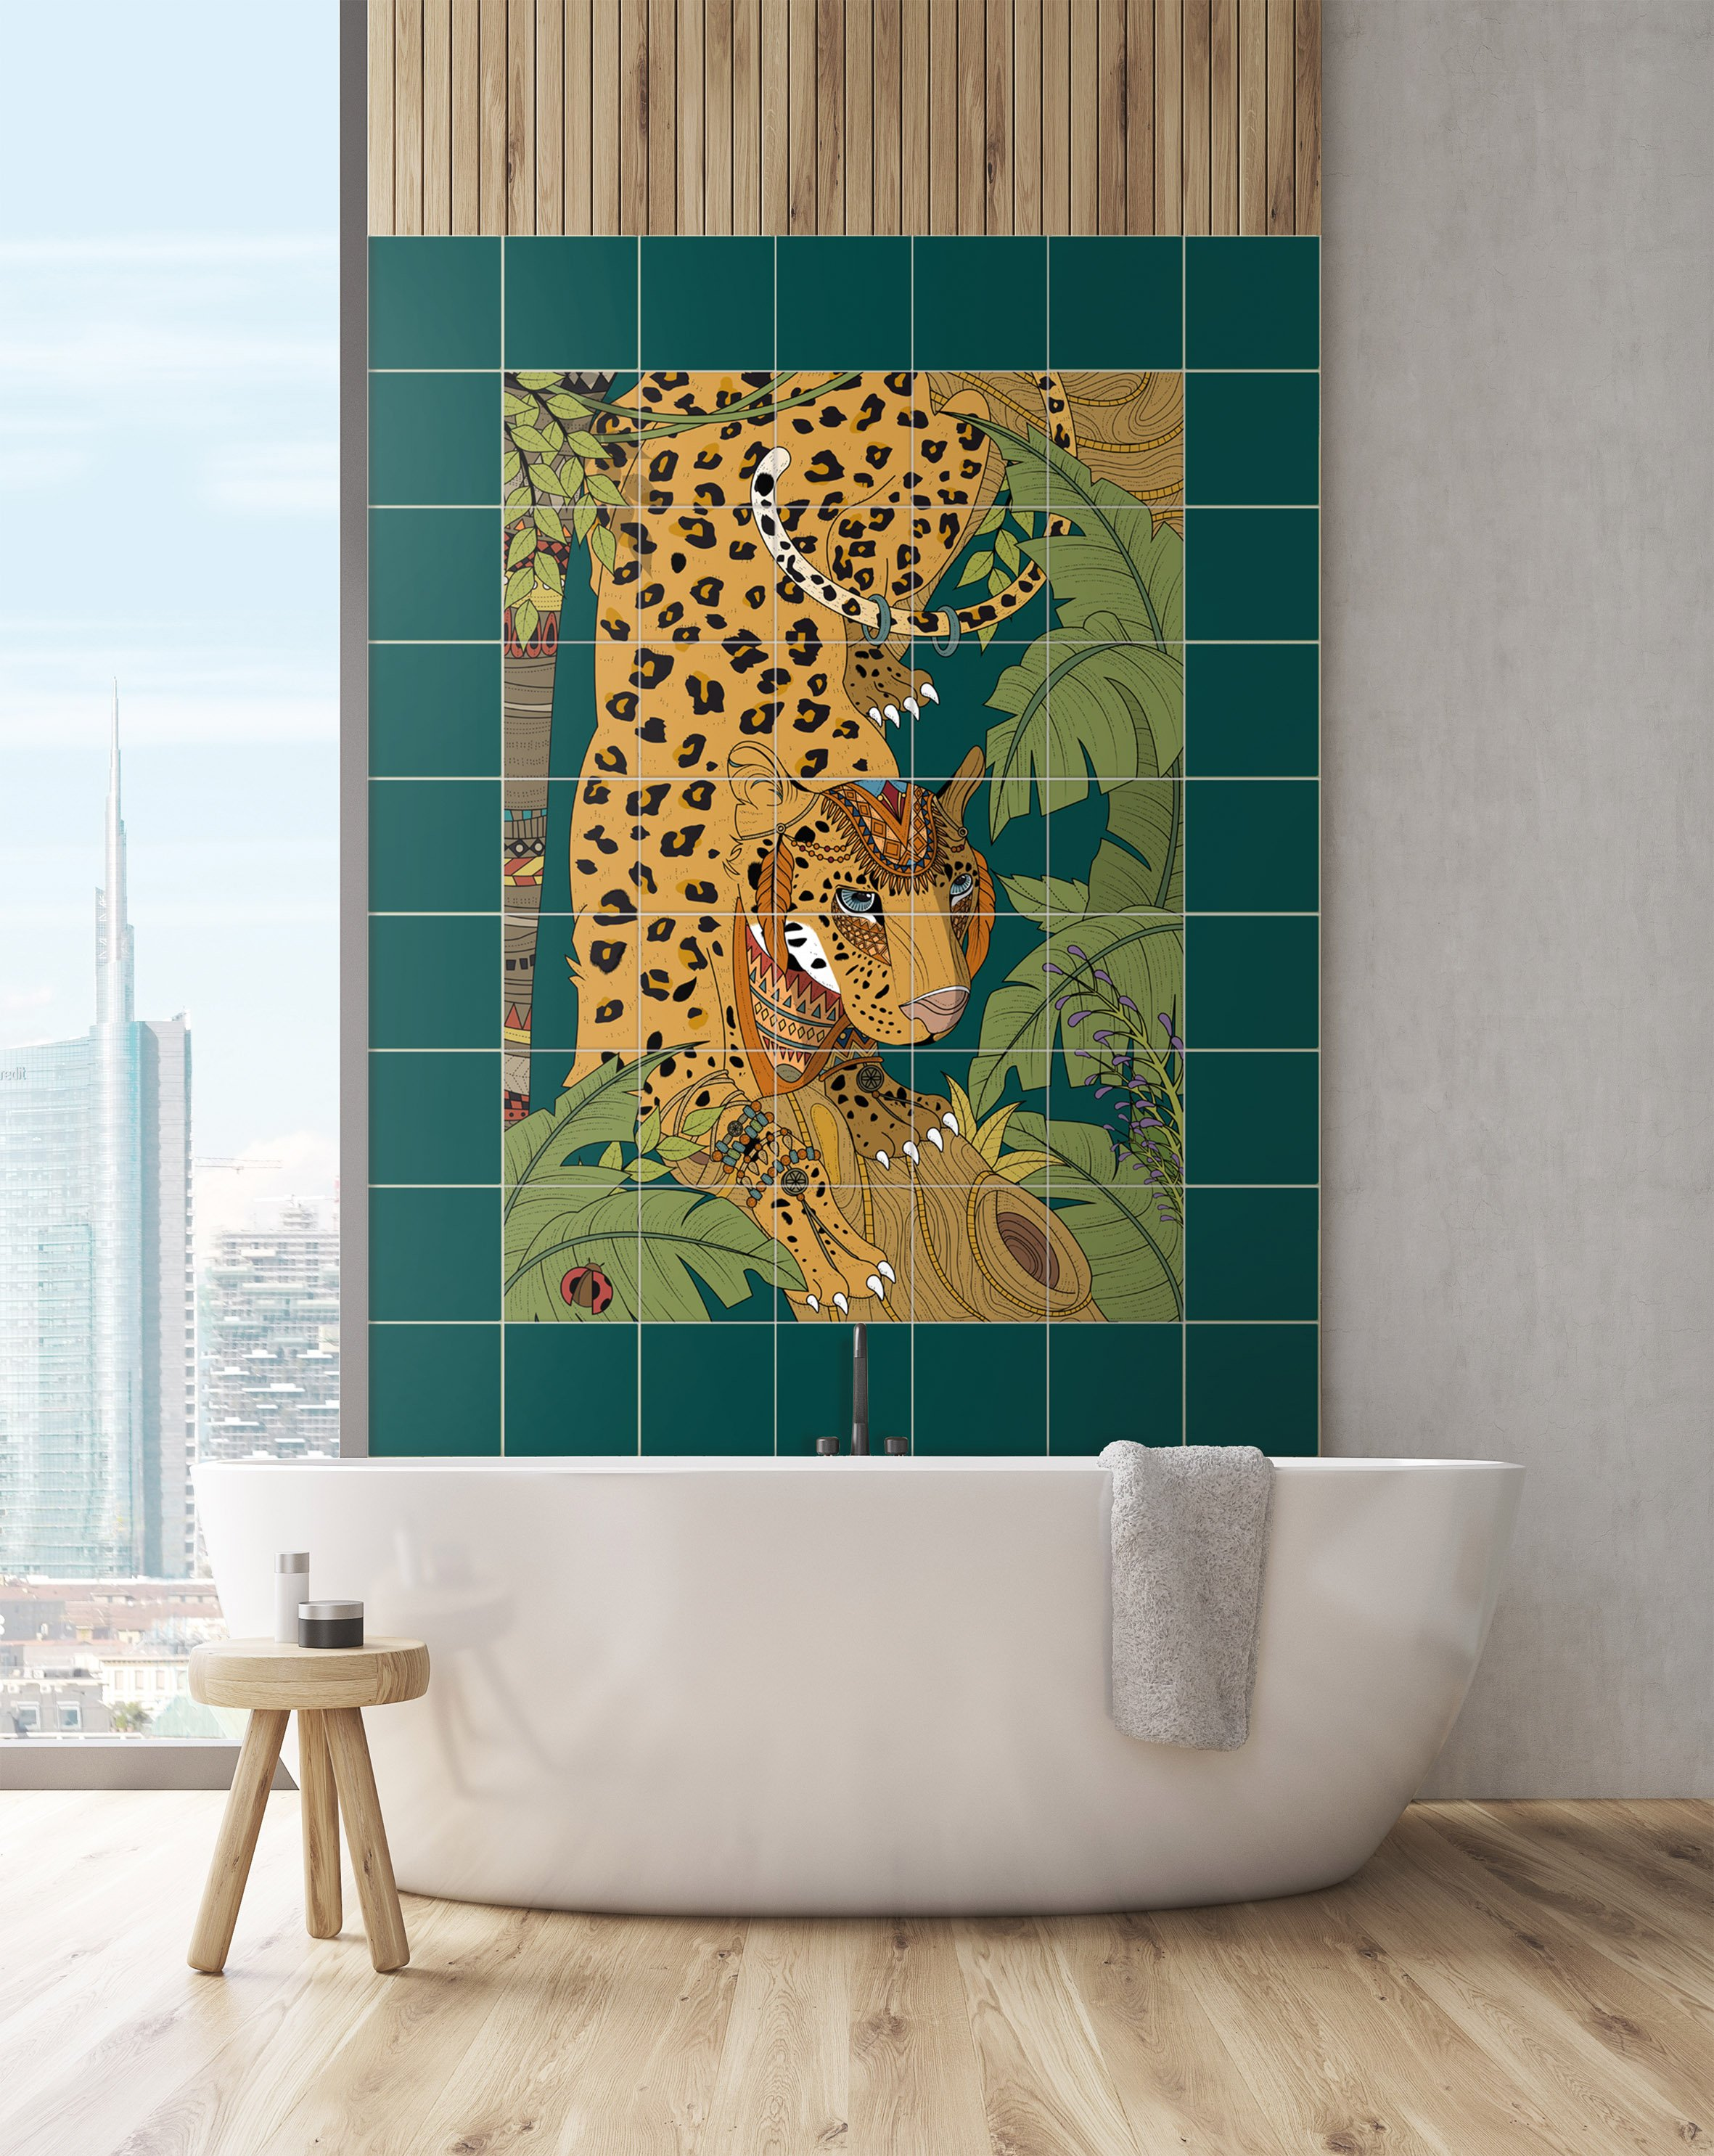 Adesivi per piastrelle per rinnovare il look di pareti e pavimenti cose di casa - Rivestimenti cucina adesivi ...